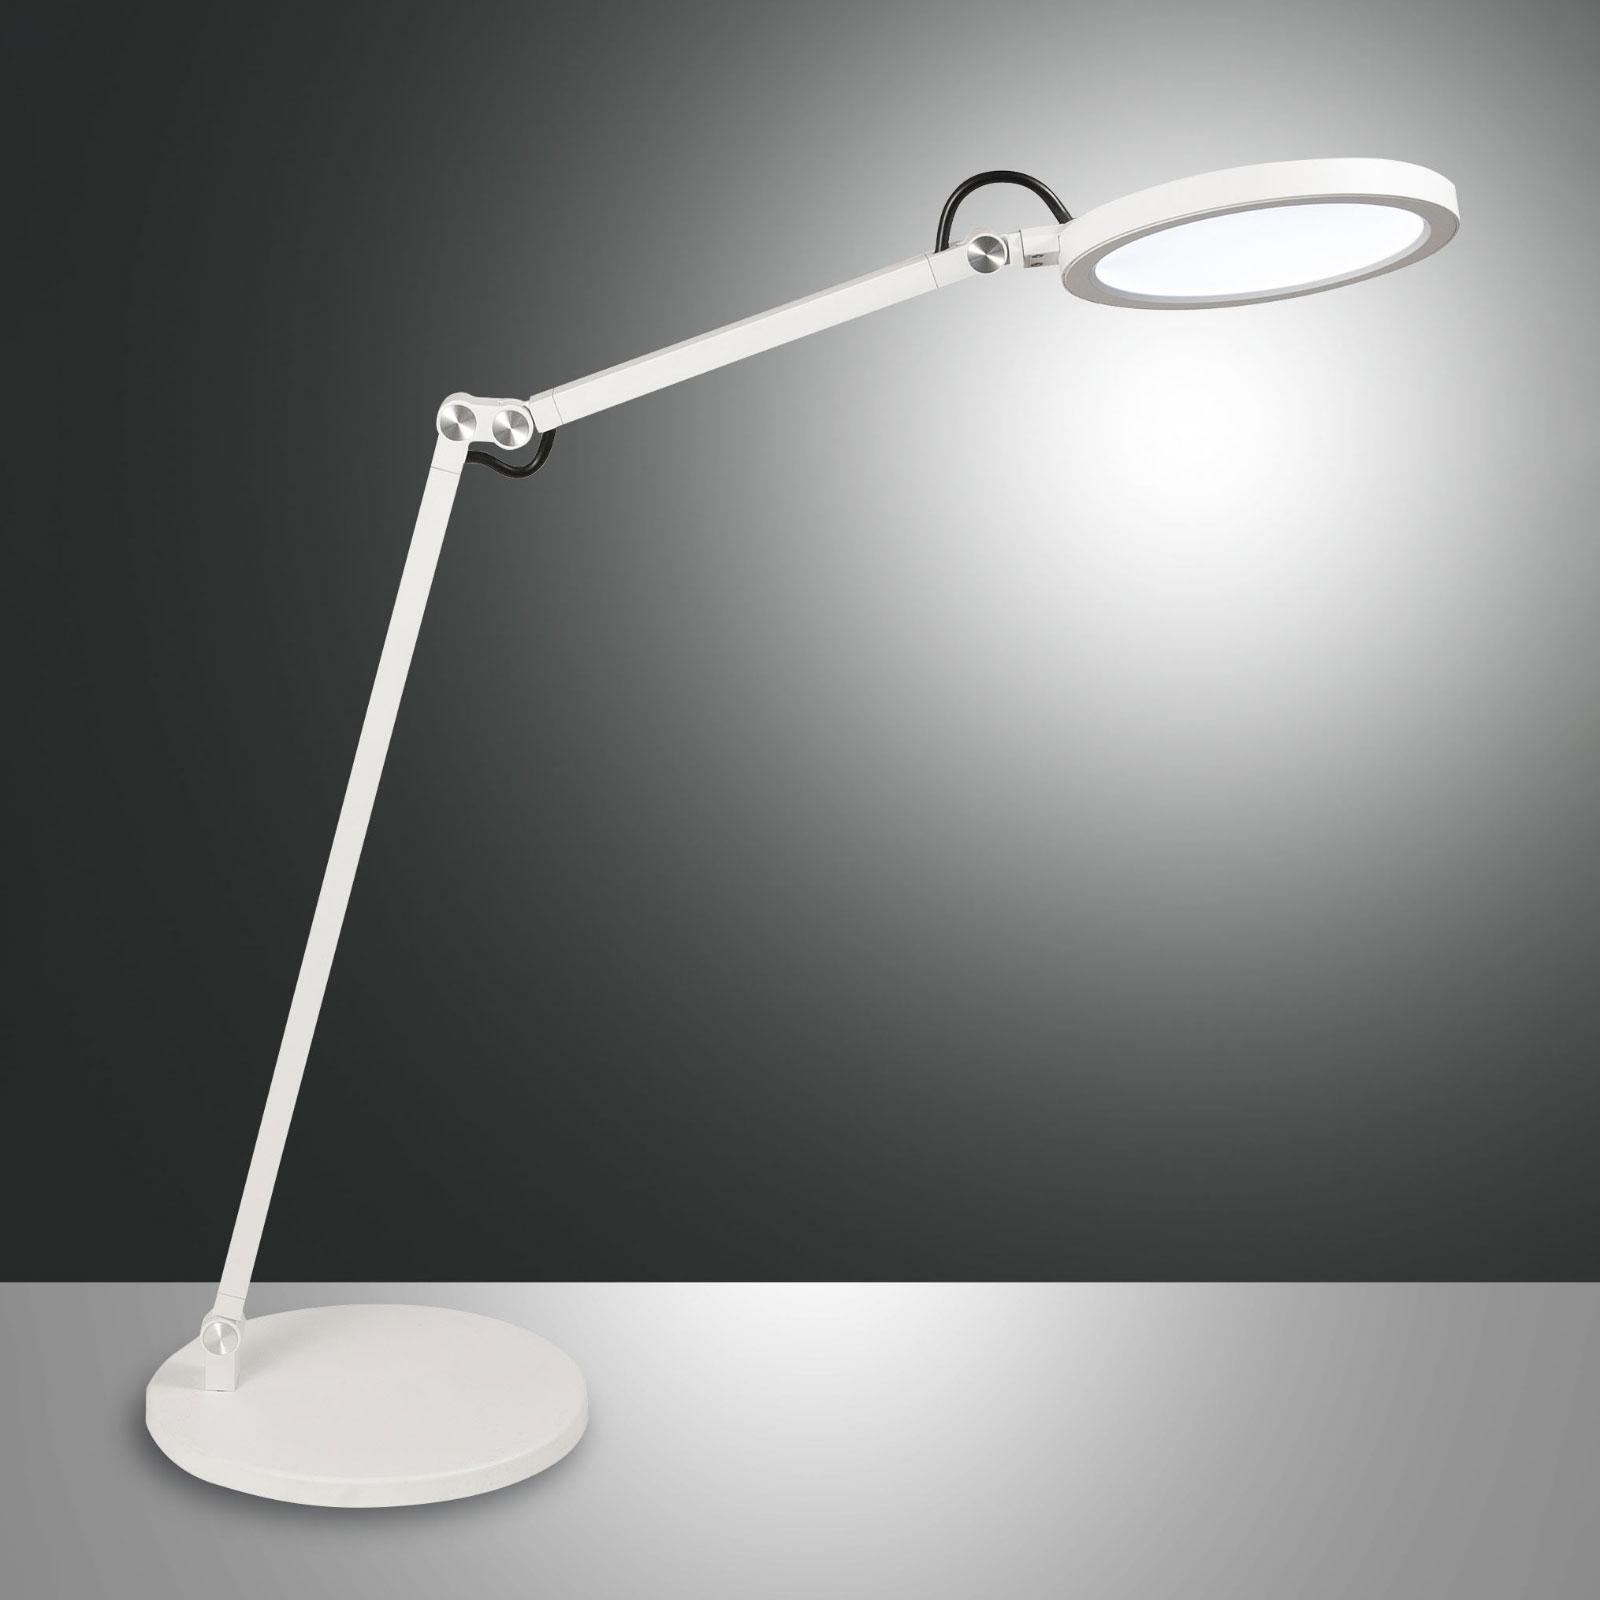 LED-Schreibtischleuchte Regina mit Dimmer, weiß